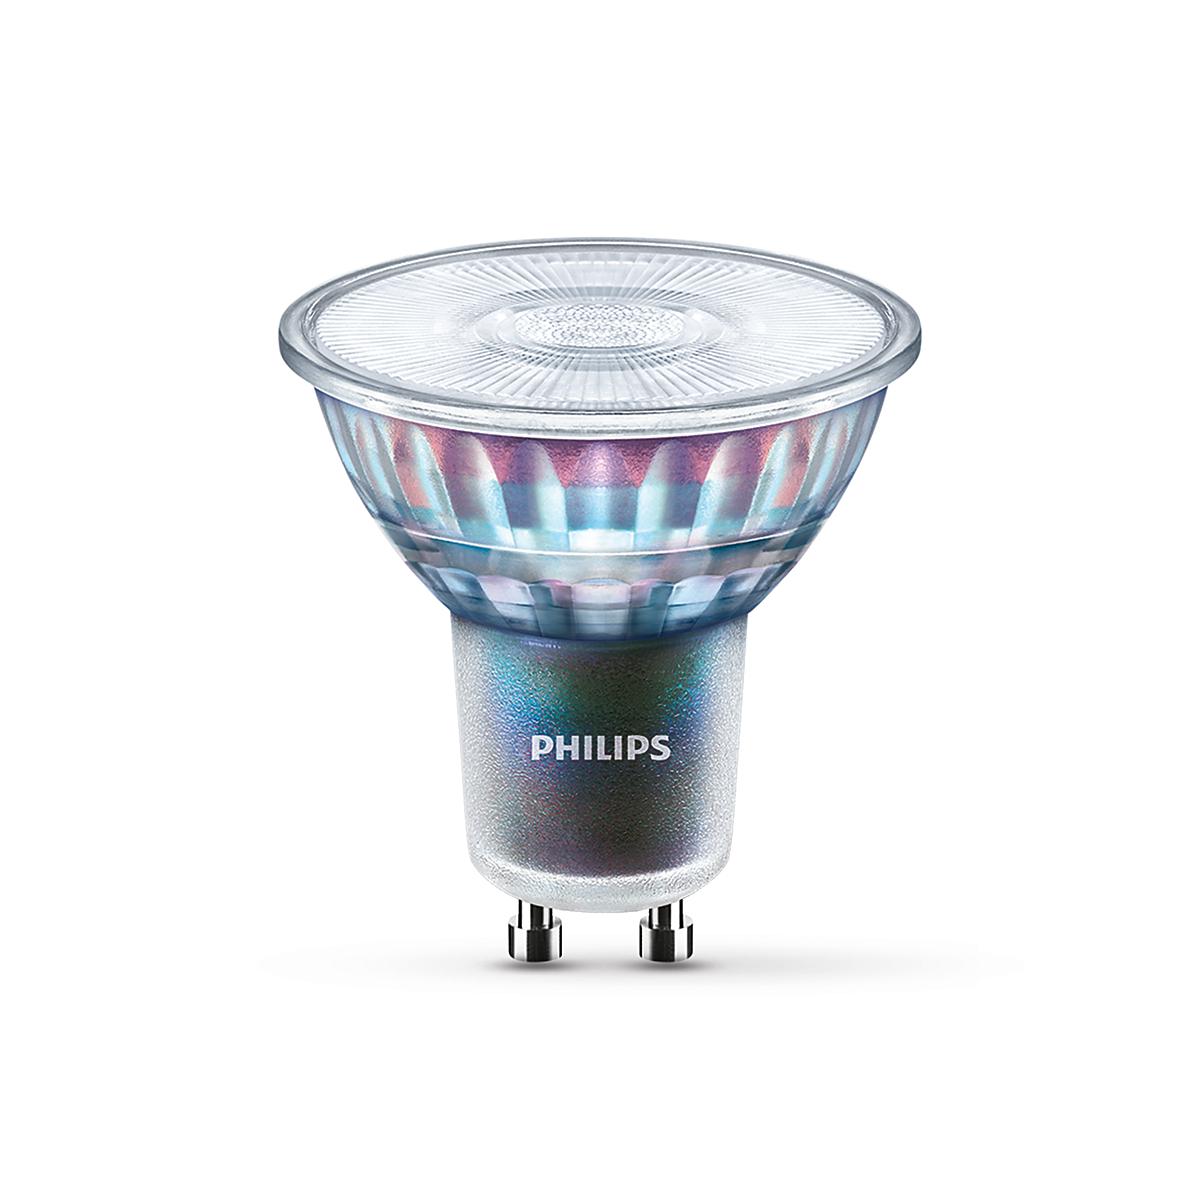 Master LED lampen Philips | Philips Lighting